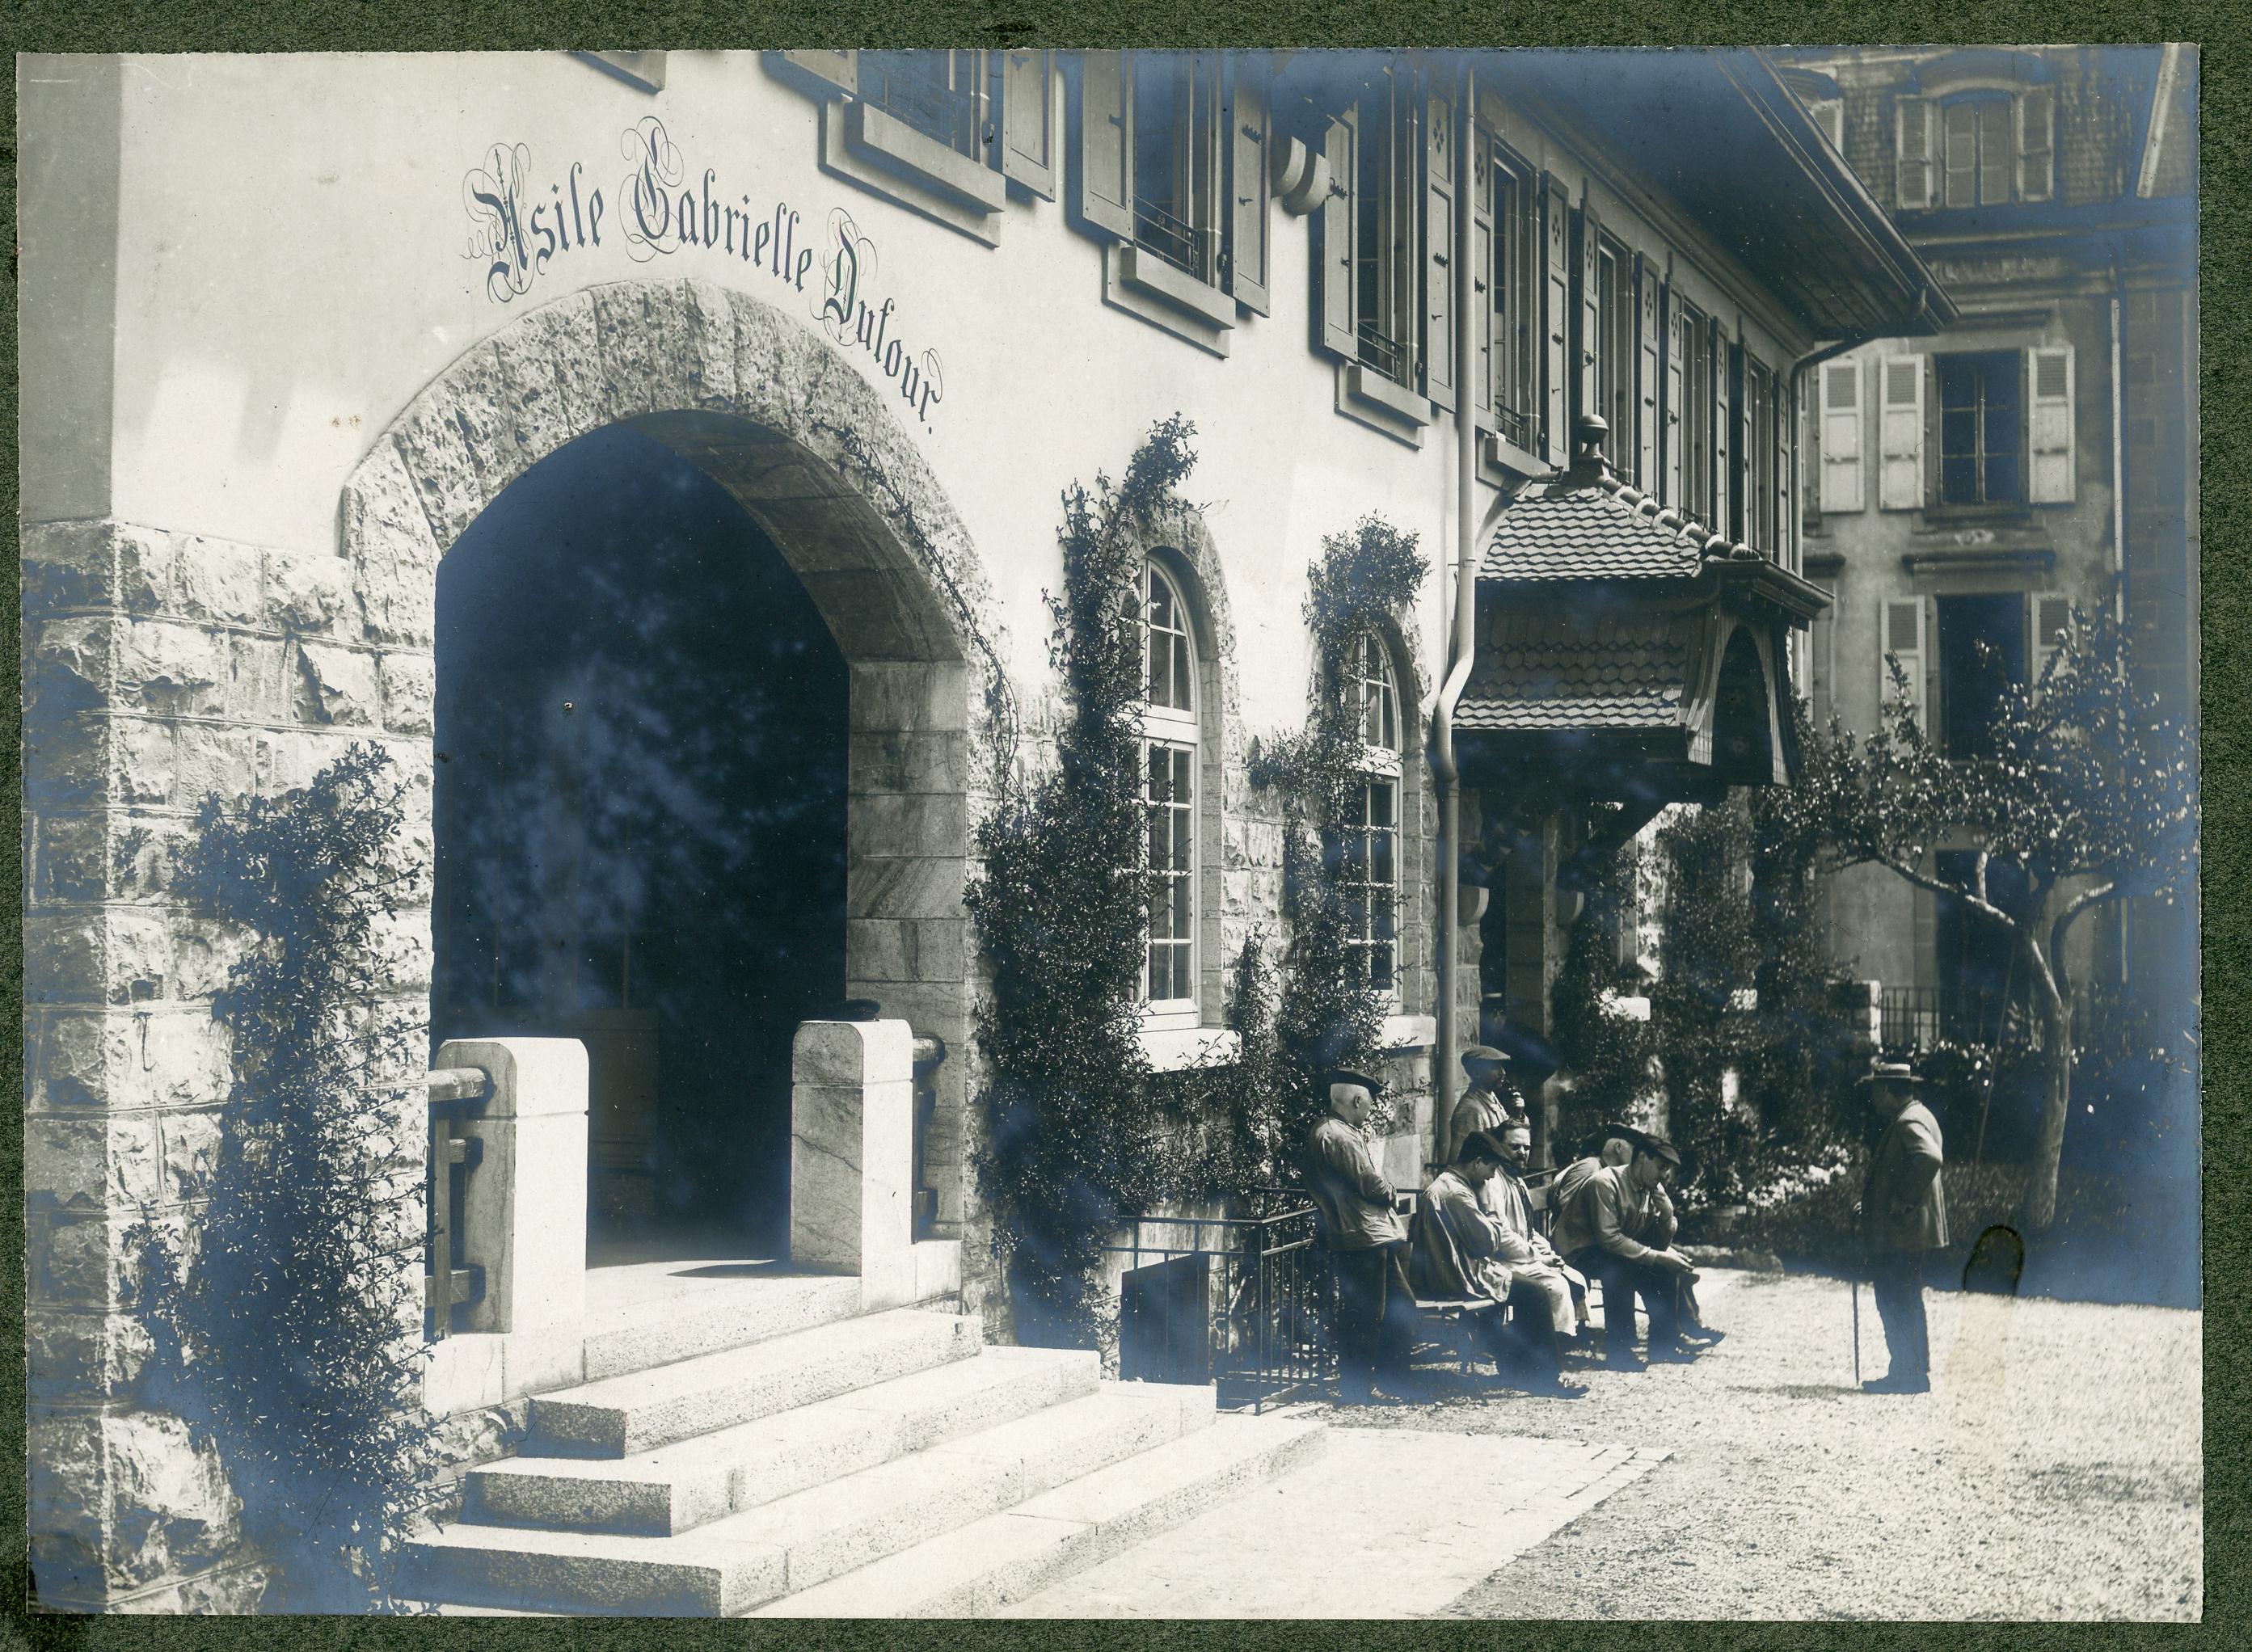 Image d'une carte postale de l'Asile Gabrielle Dufour